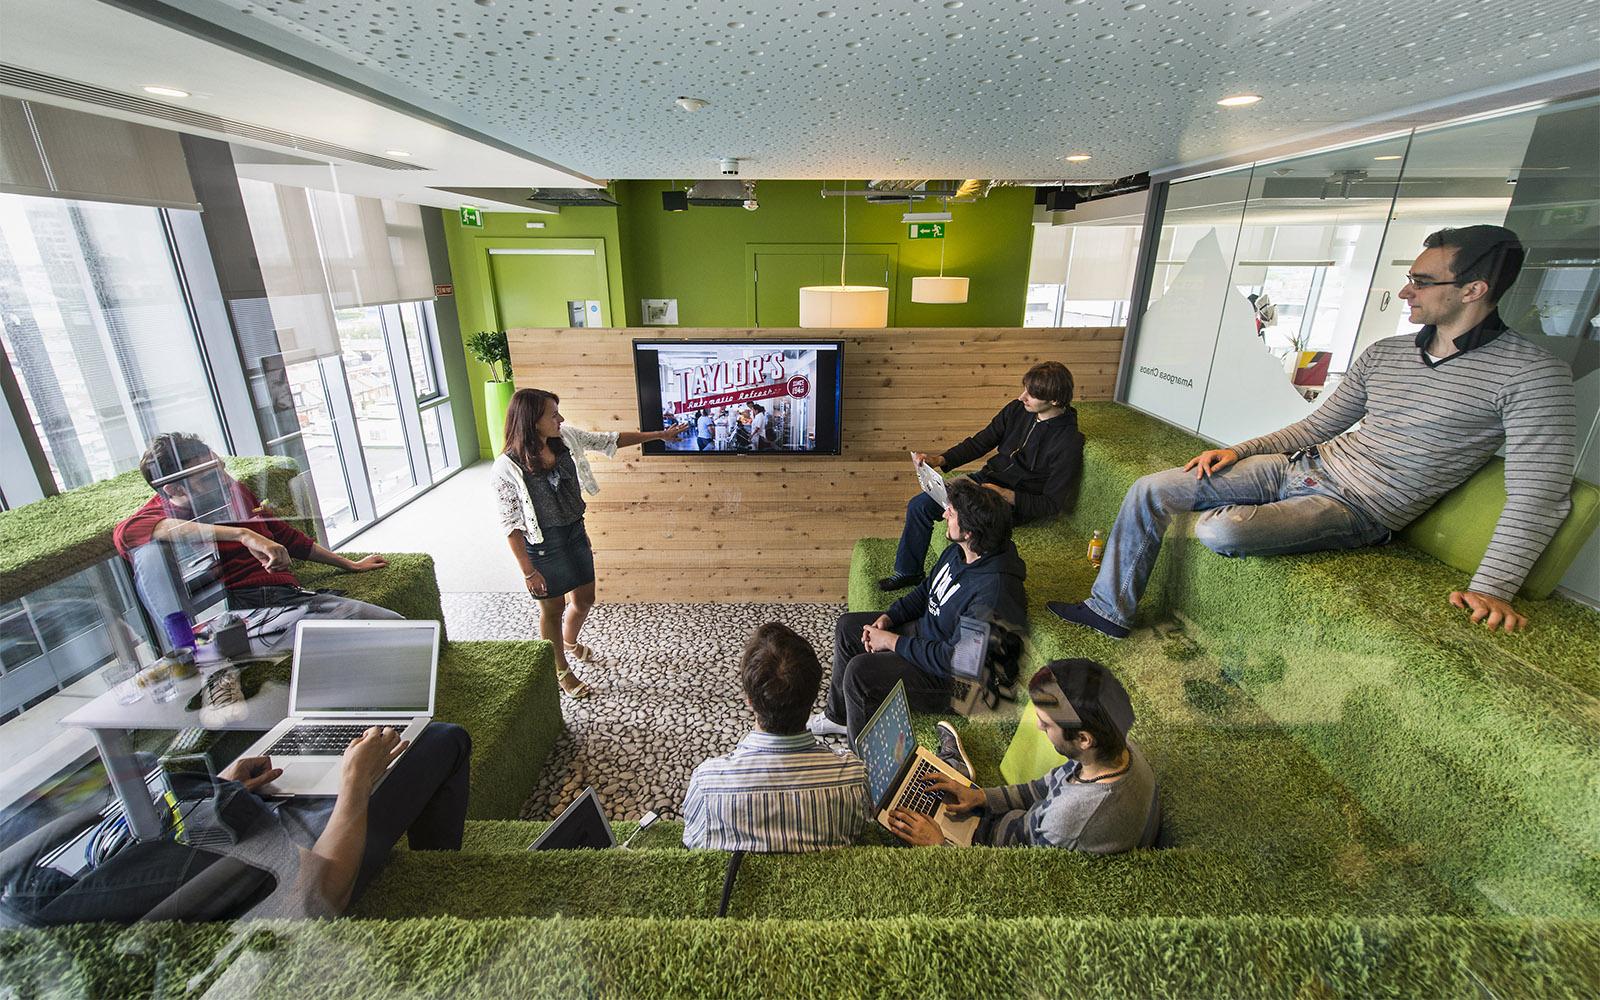 Grün eingerichtete Räumlichkeiten mit Teppichüberzogenen Stufen als Sitzmöglichkeiten von ege im Google Campus Dublin